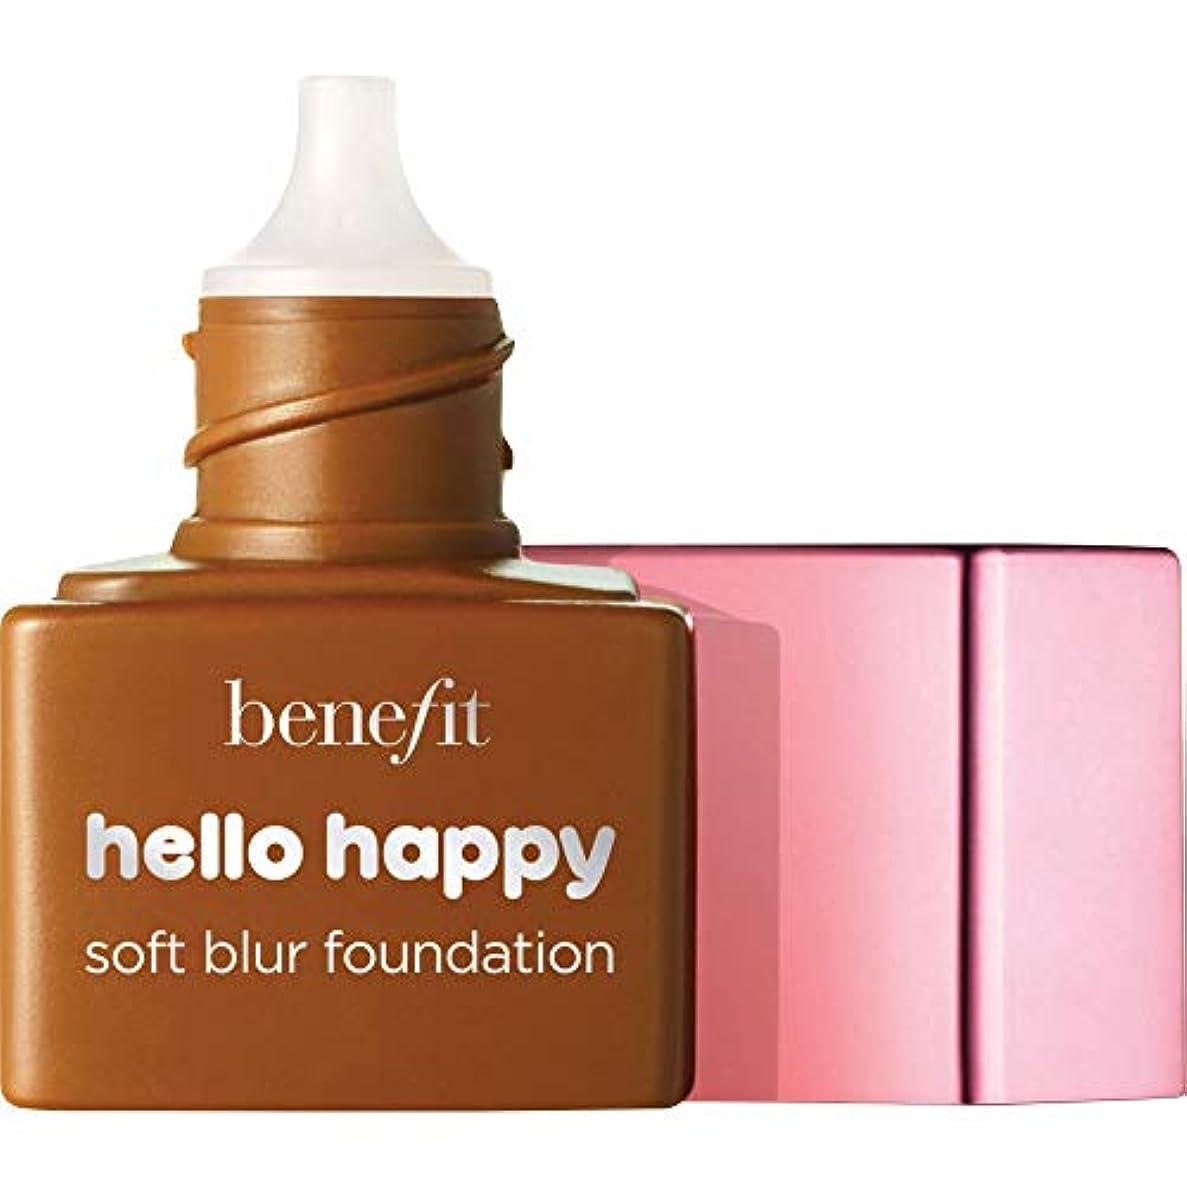 漏斗非アクティブ氏[Benefit ] ミニ9 - - ハロー幸せソフトブラー基礎Spf15の6ミリリットルの利益中立深いです - Benefit Hello Happy Soft Blur Foundation SPF15 6ml -...